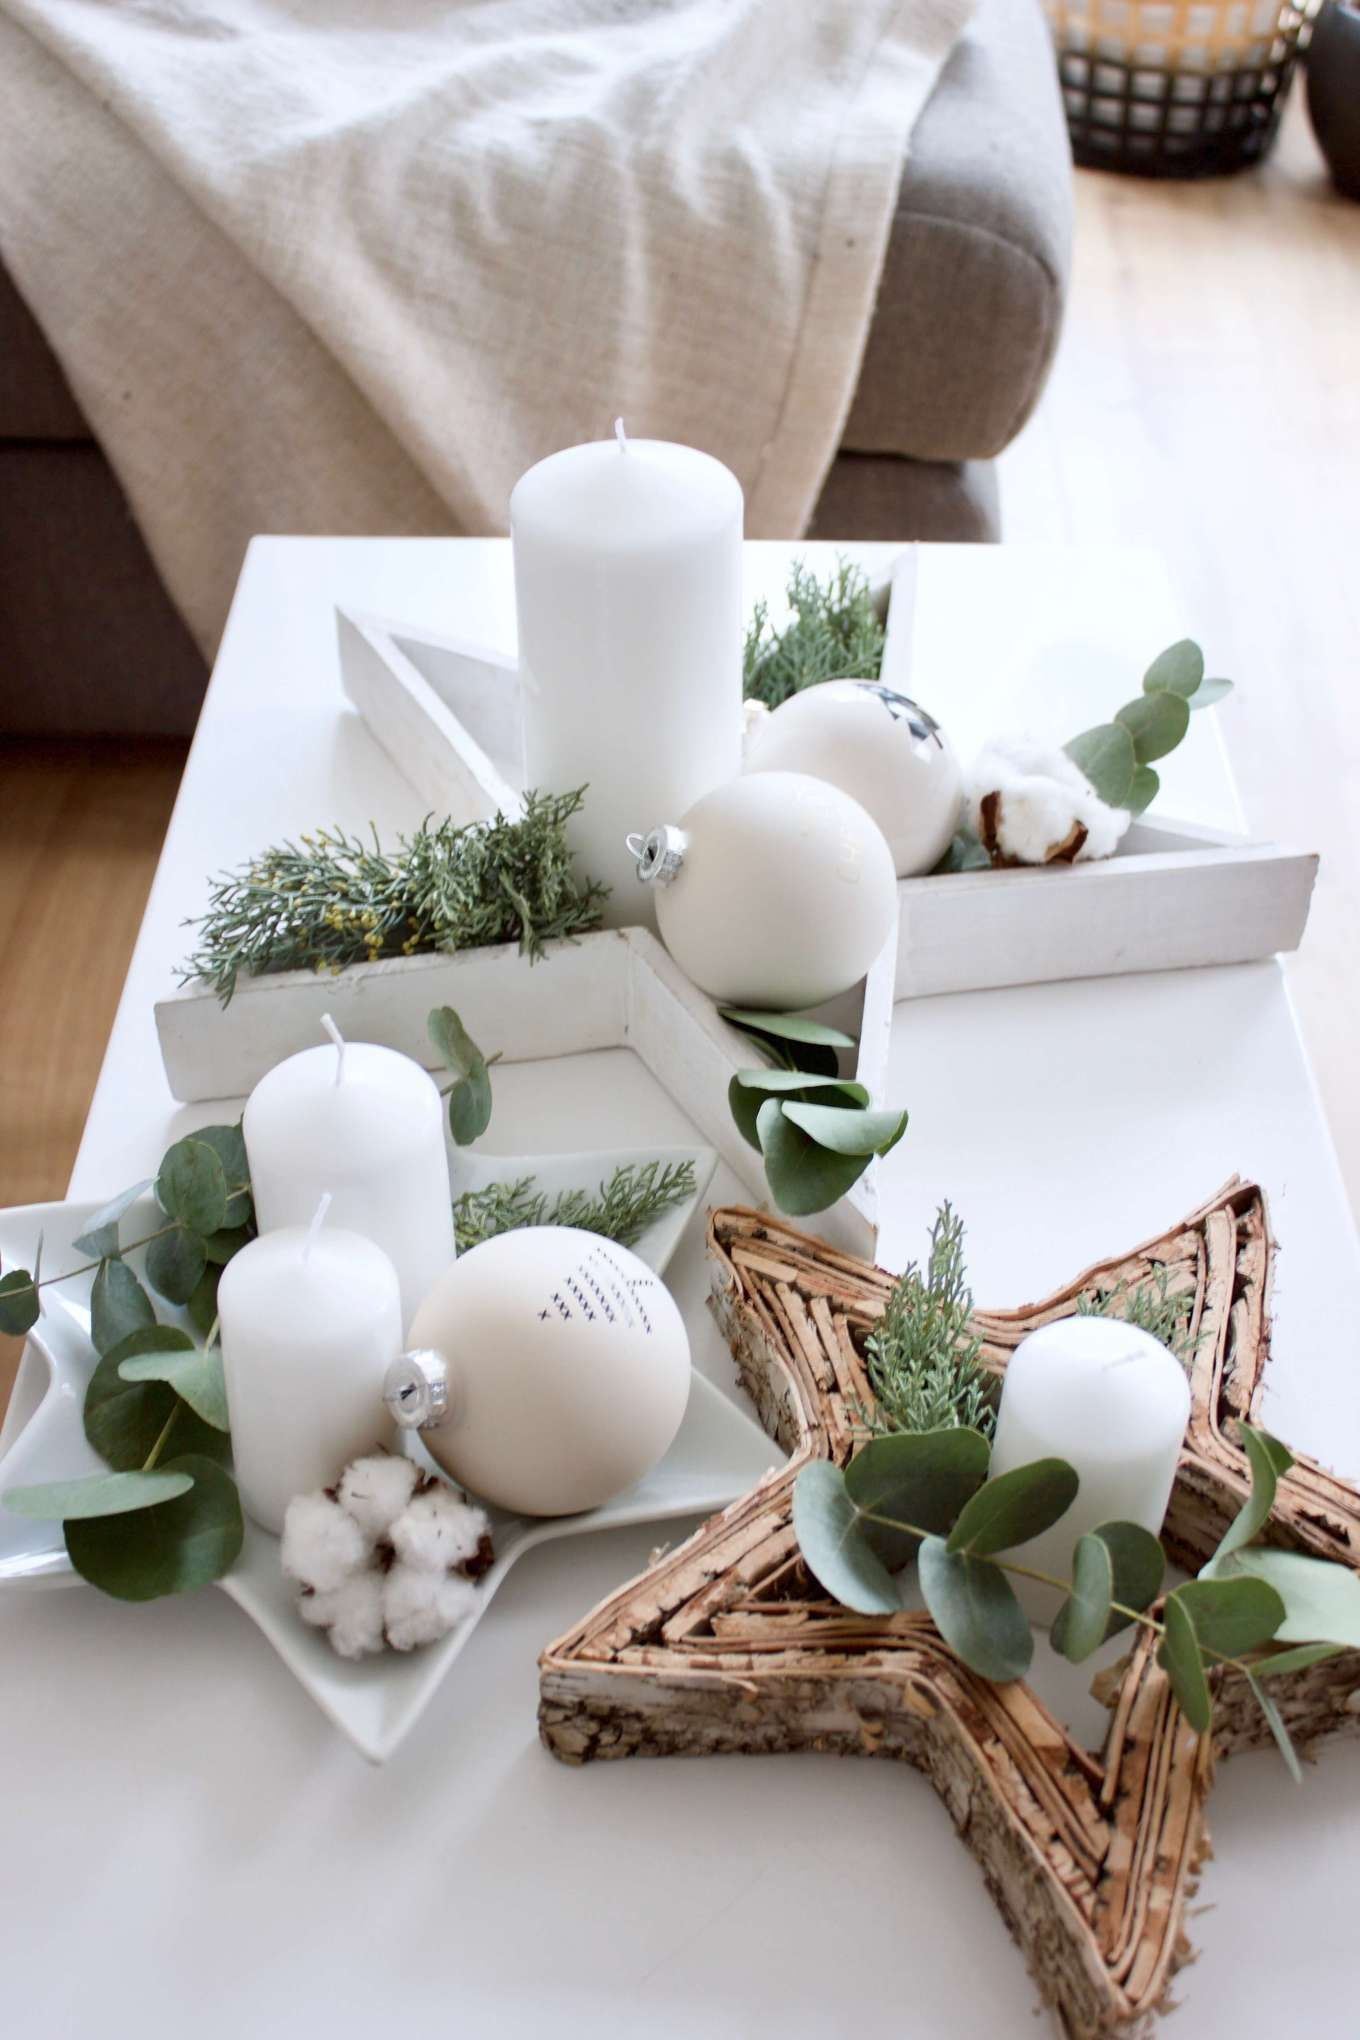 Außergewöhnliche Adventskränze sind dein Ding? ° Idee für eine Adventskranz-Deko mit Eukalyptus #thanksgivingdecorations